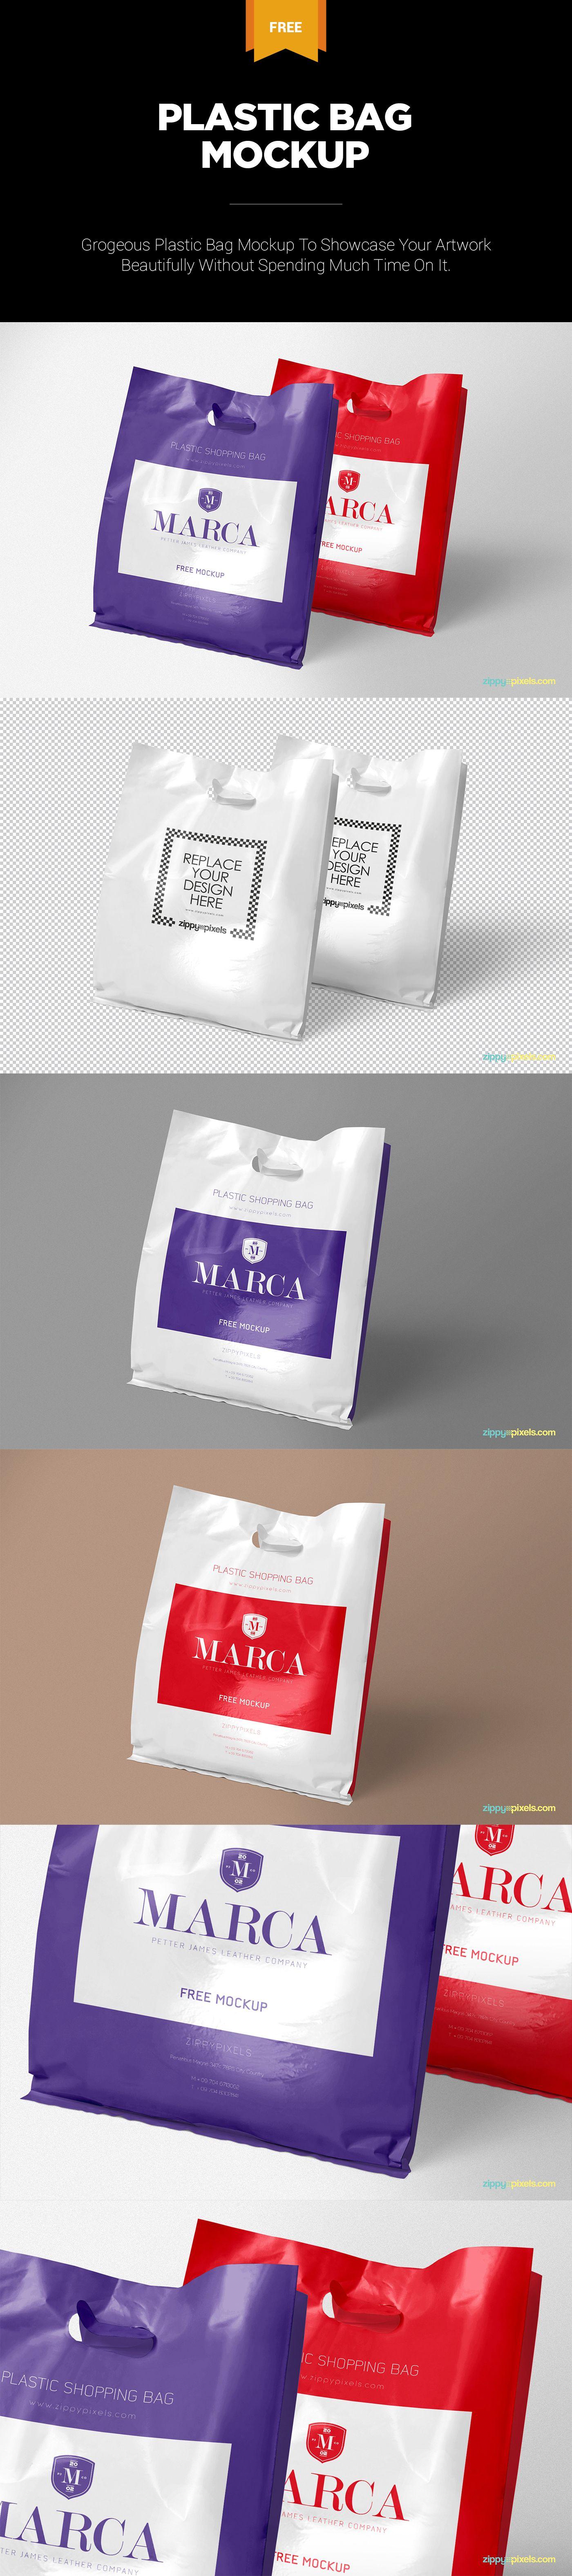 Download Free Plastic Bag Mockup Zippypixels Packaging Mockup Bag Mockup Graphic Design Packaging